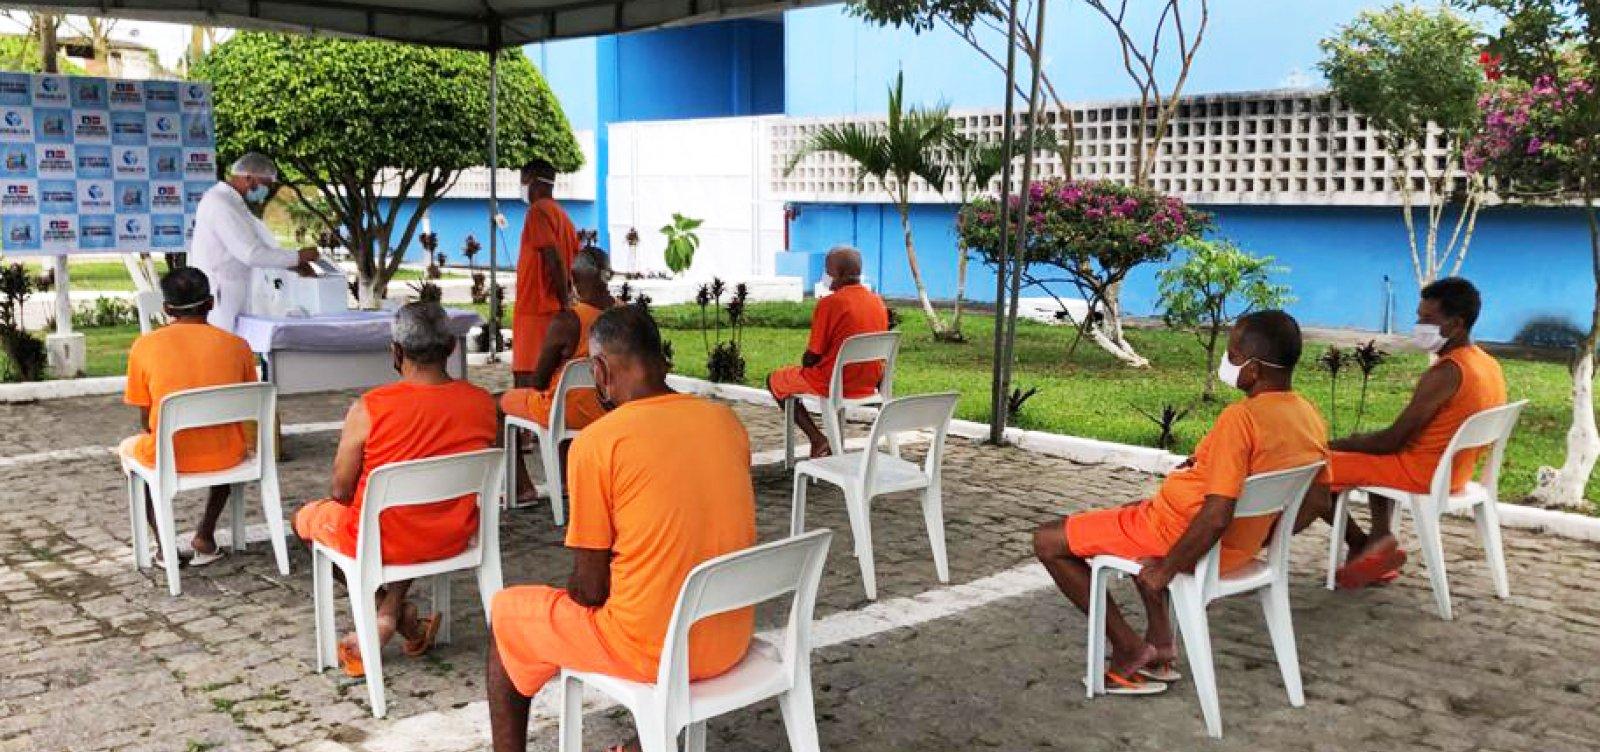 Todos os detentos na Bahia já tomaram pelo menos uma dose da vacina